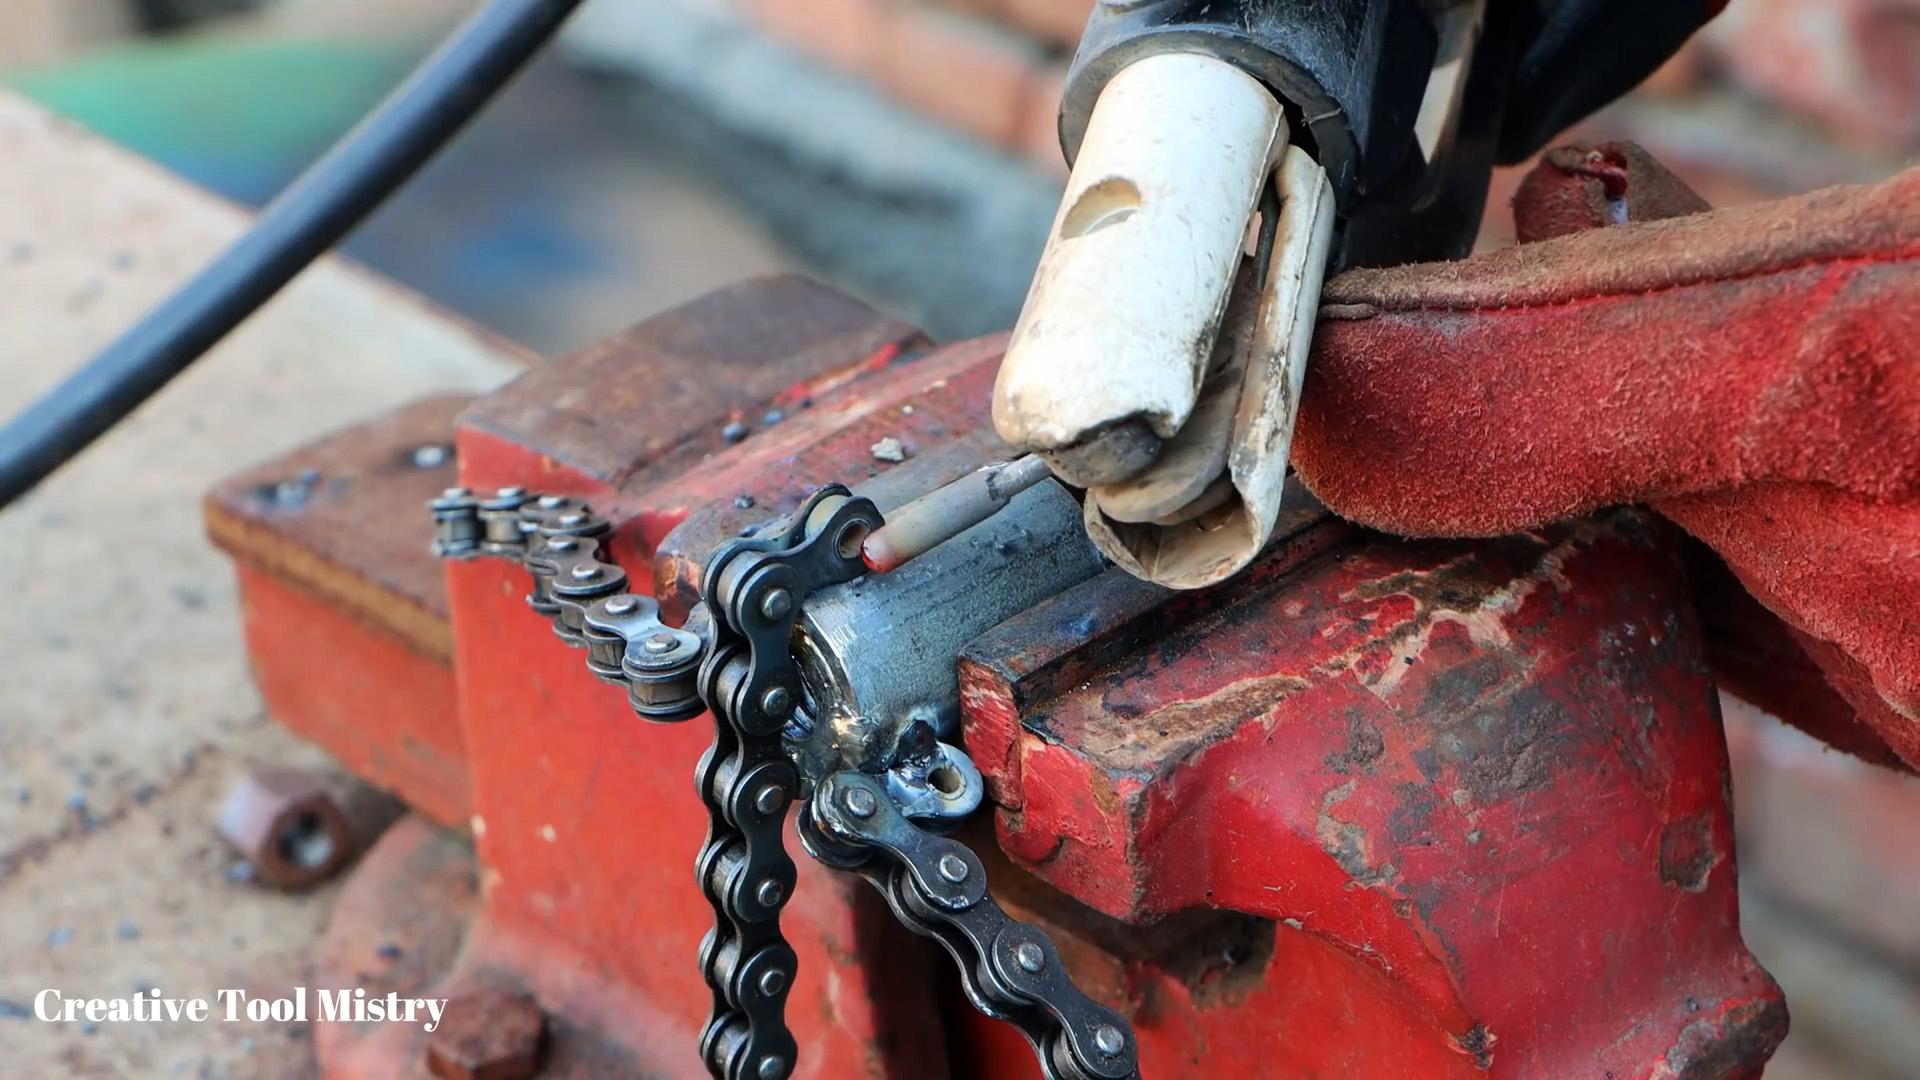 Съемник для подшипников из цепи своими руками